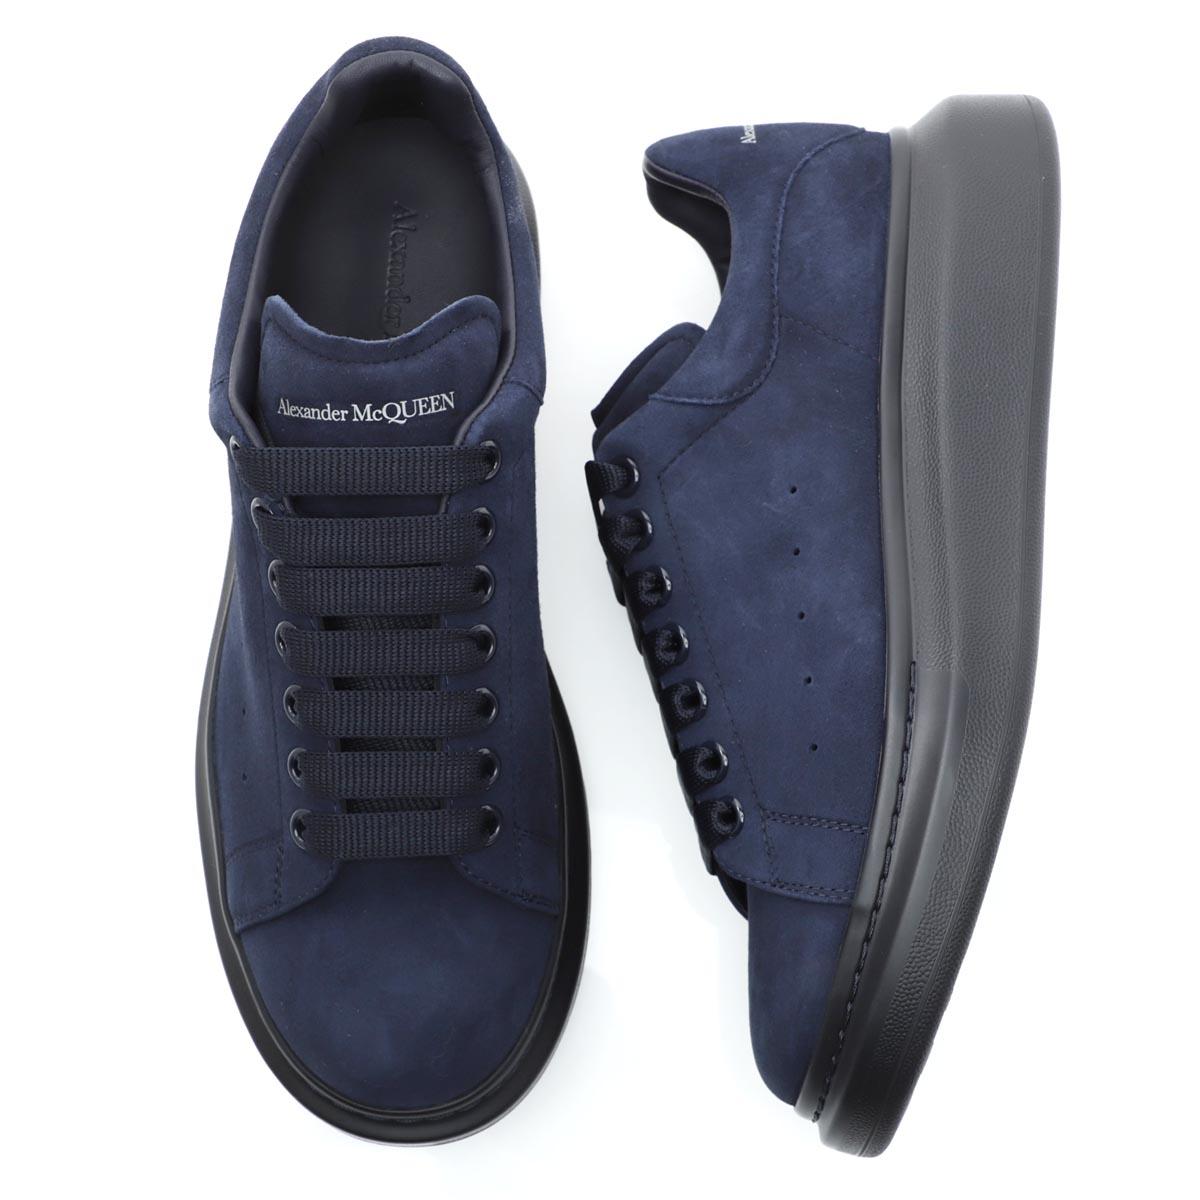 アレキサンダーマックイーン ALEXANDER McQUEEN スニーカー ブルー メンズ シューズ 靴 カジュアル 大きいサイズあり 553761 whv67 4088 DAIM【あす楽対応_関東】【返品送料無料】【ラッピング無料】